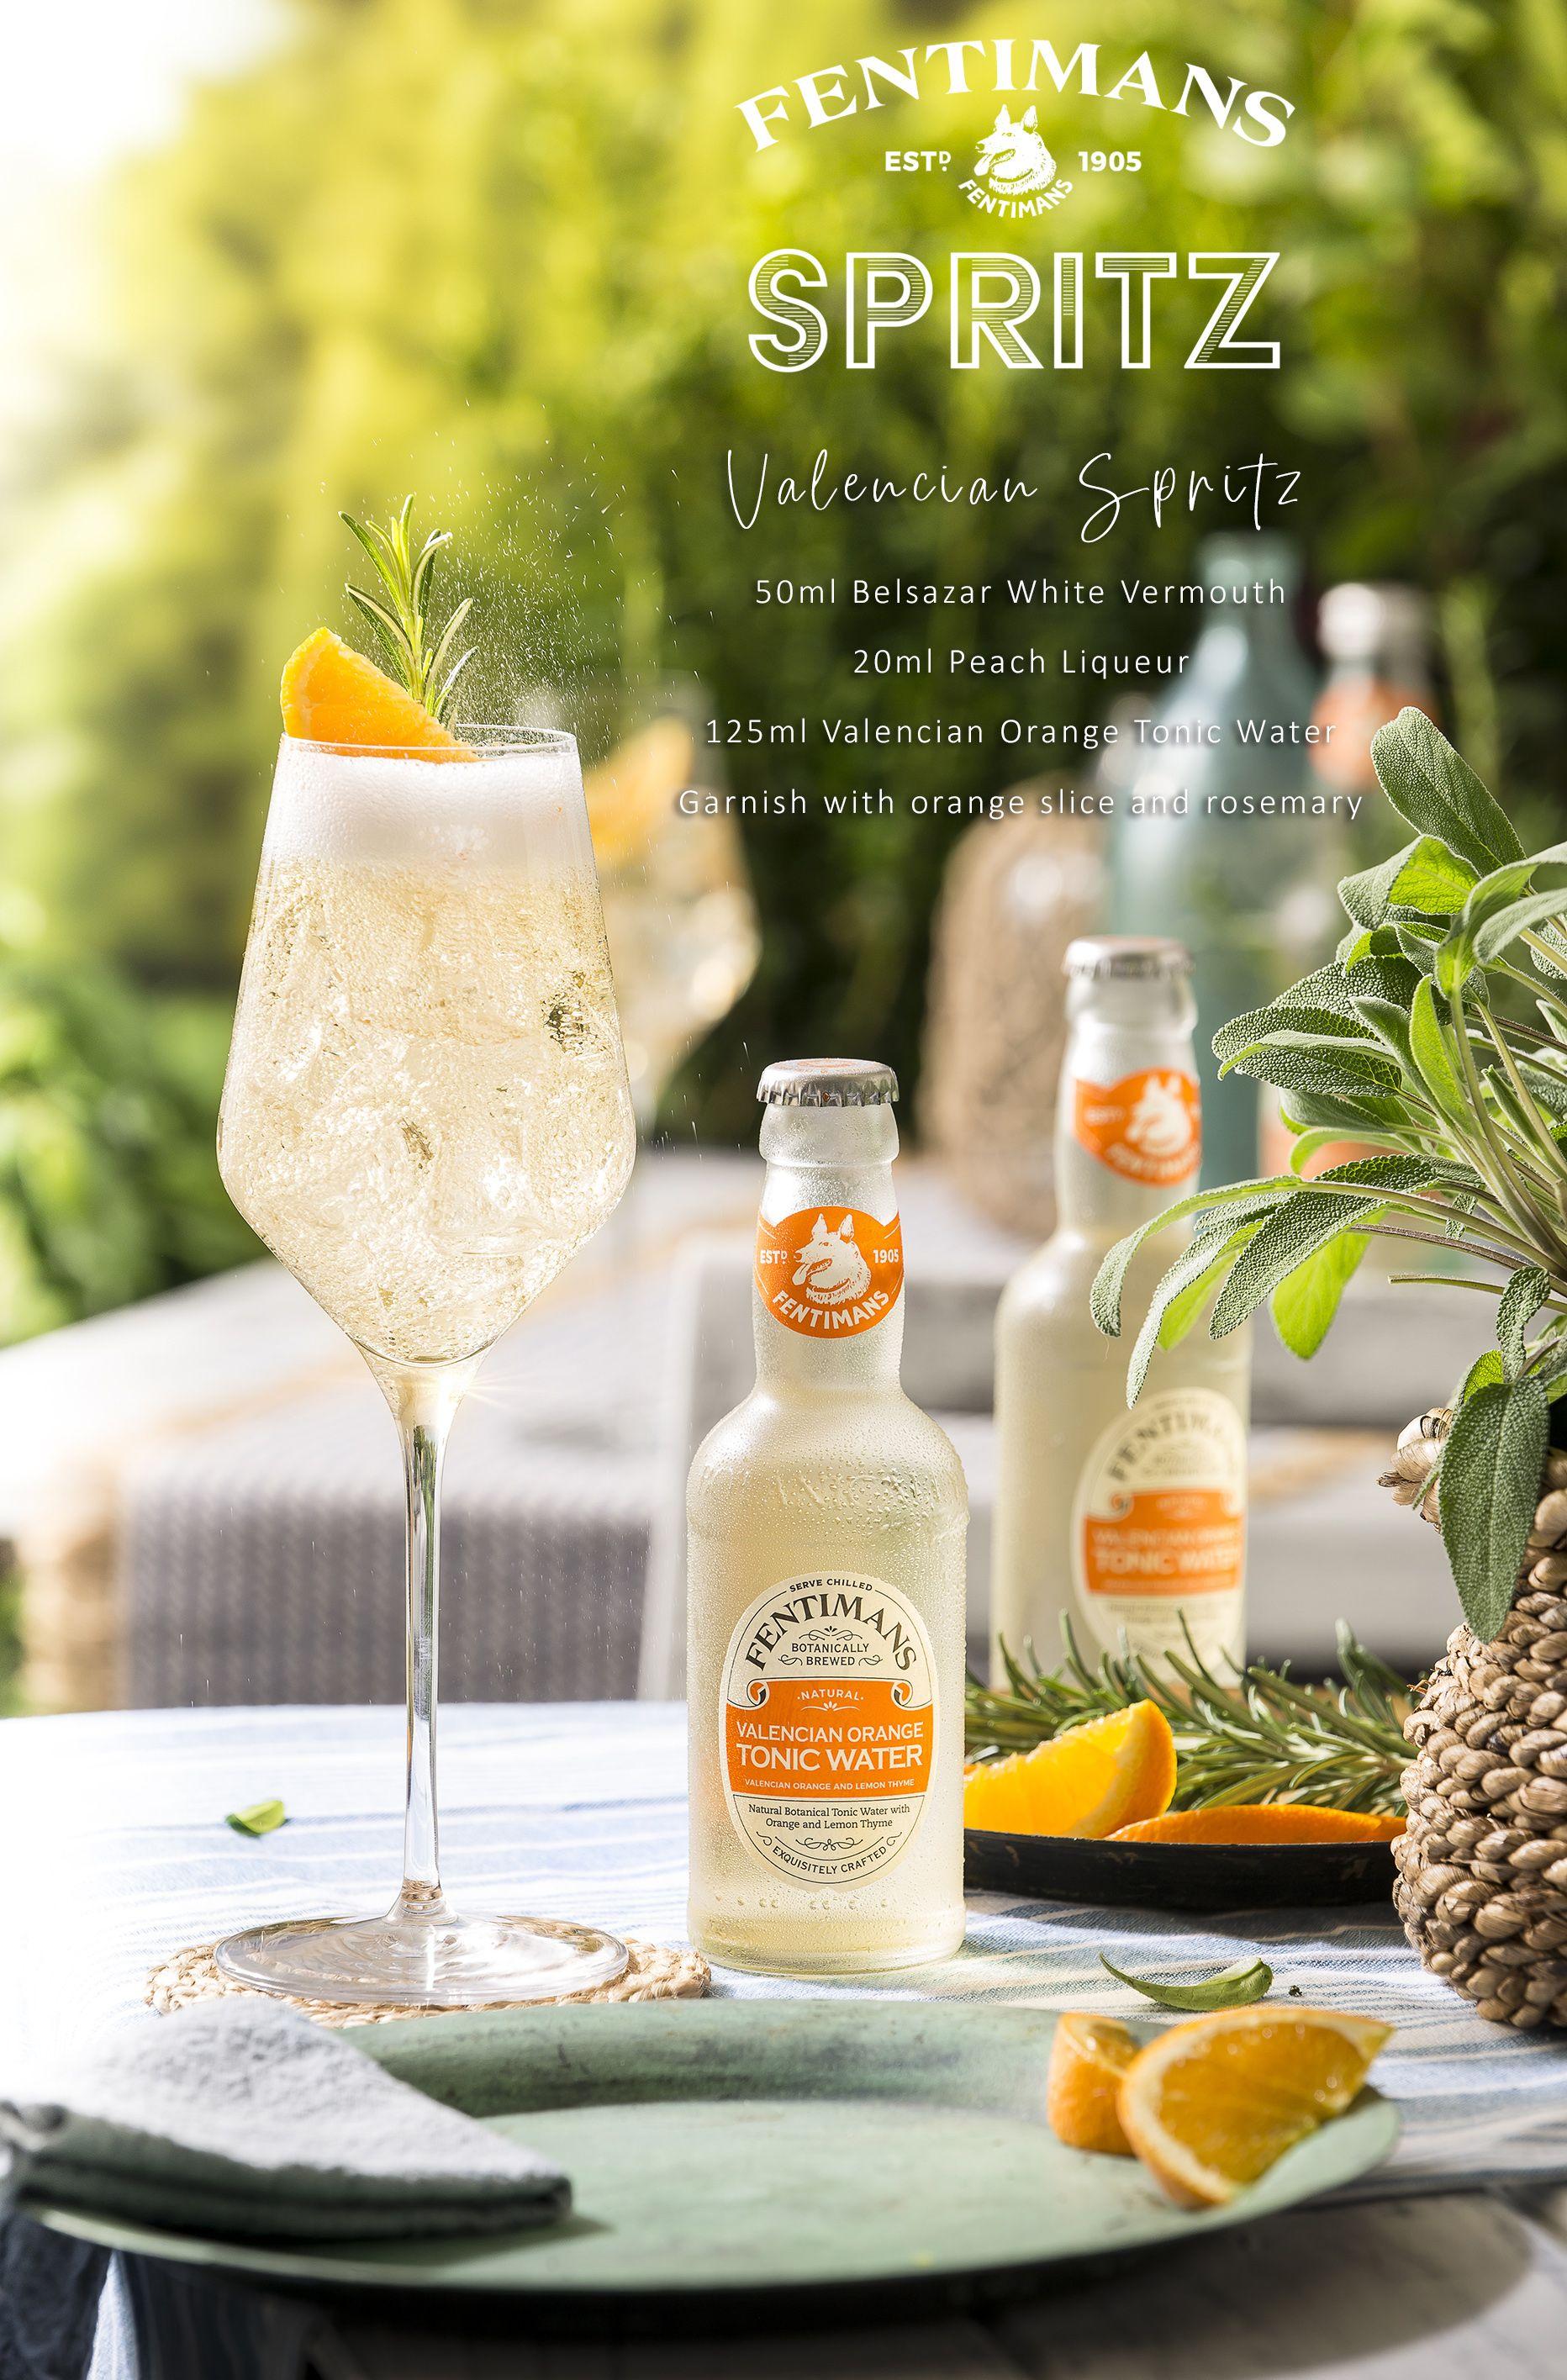 Fentimans Valencian Spritz in 2020 Summer cocktails